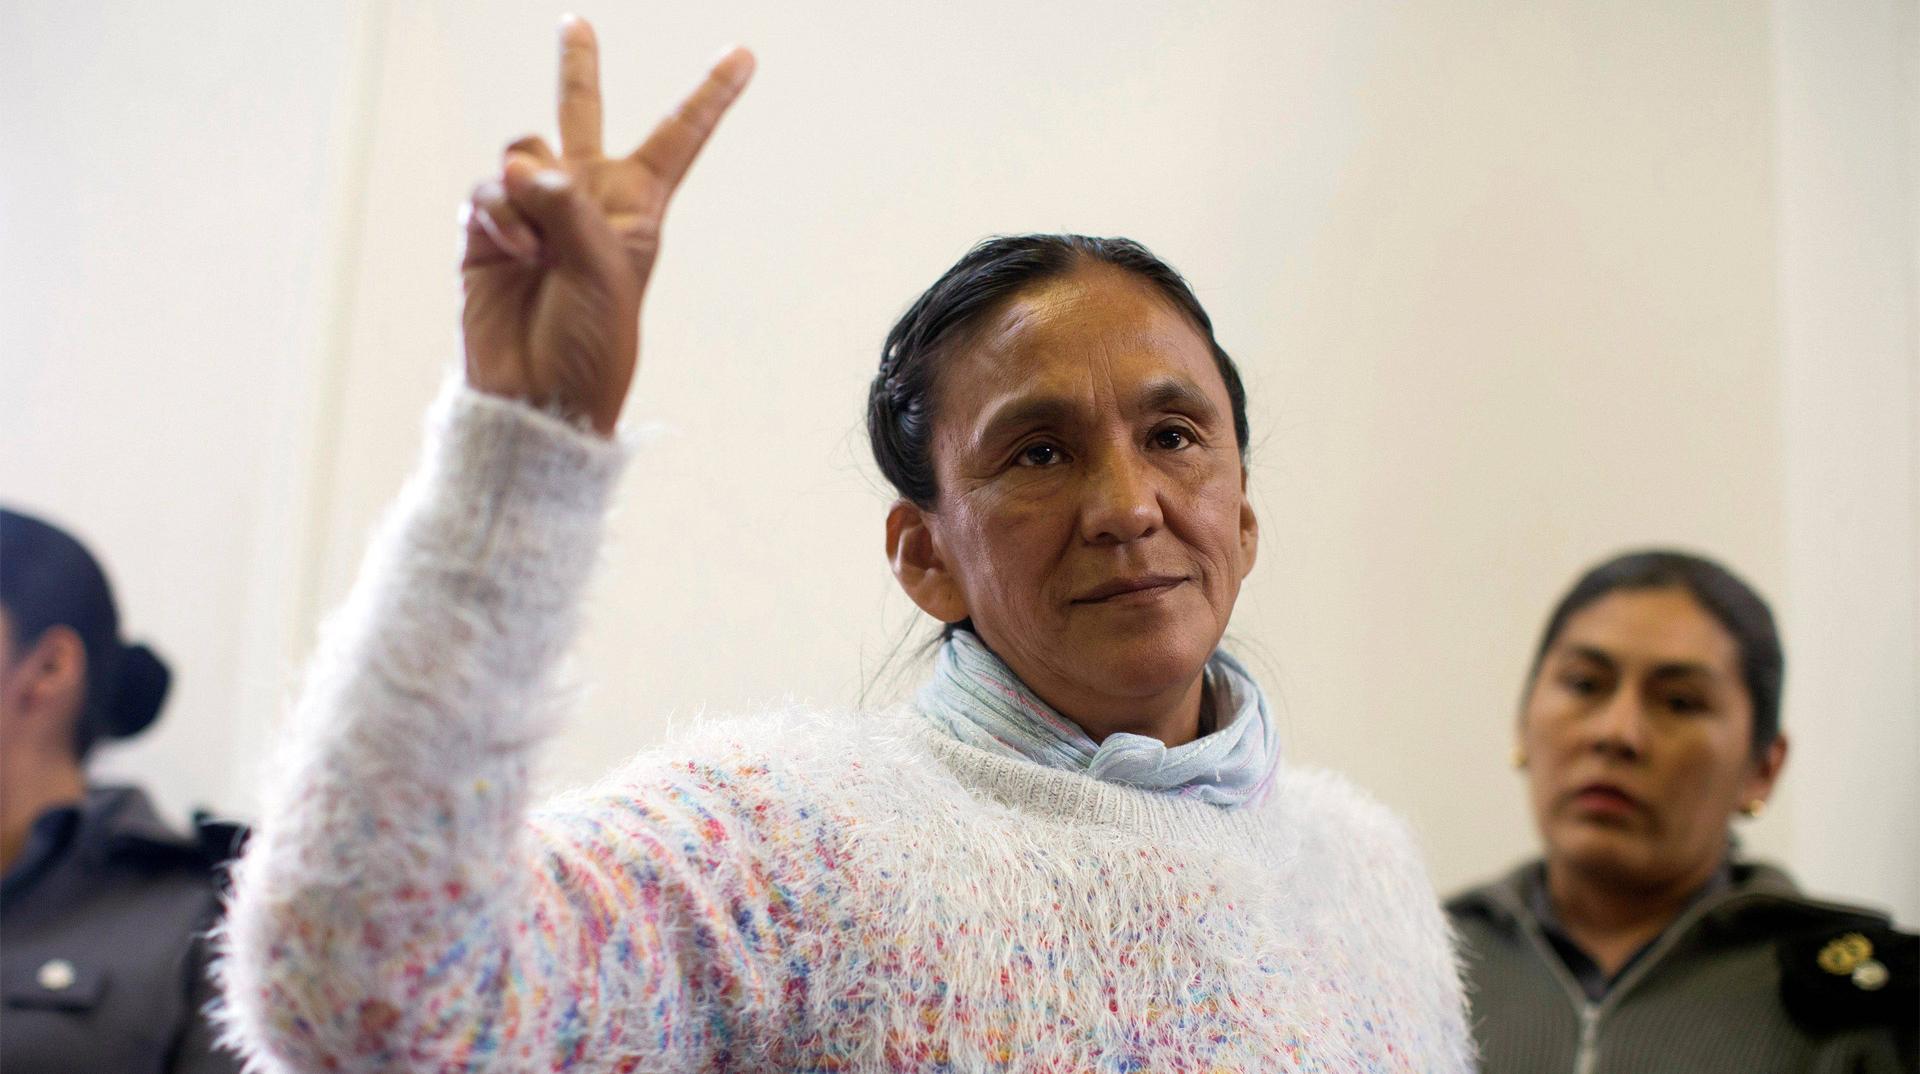 La imagen muestra a Milagro Sala con los dos dedos en V.